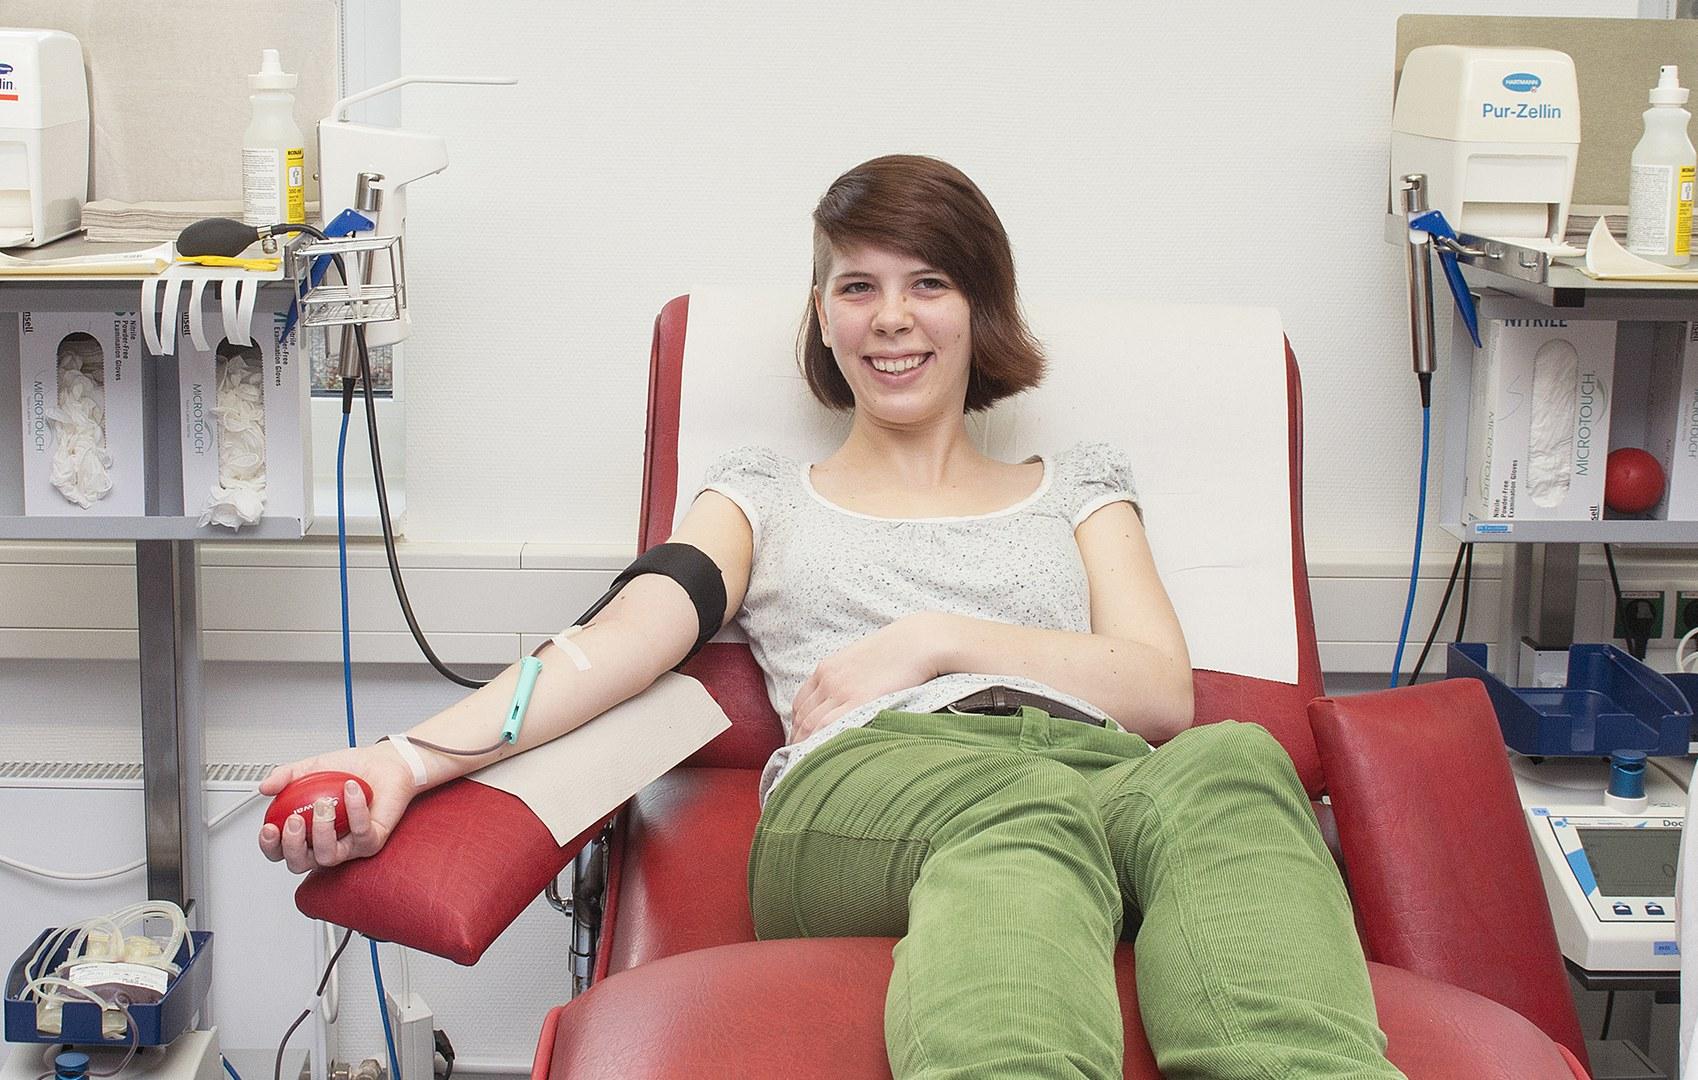 Aufruf zur Blutspende: